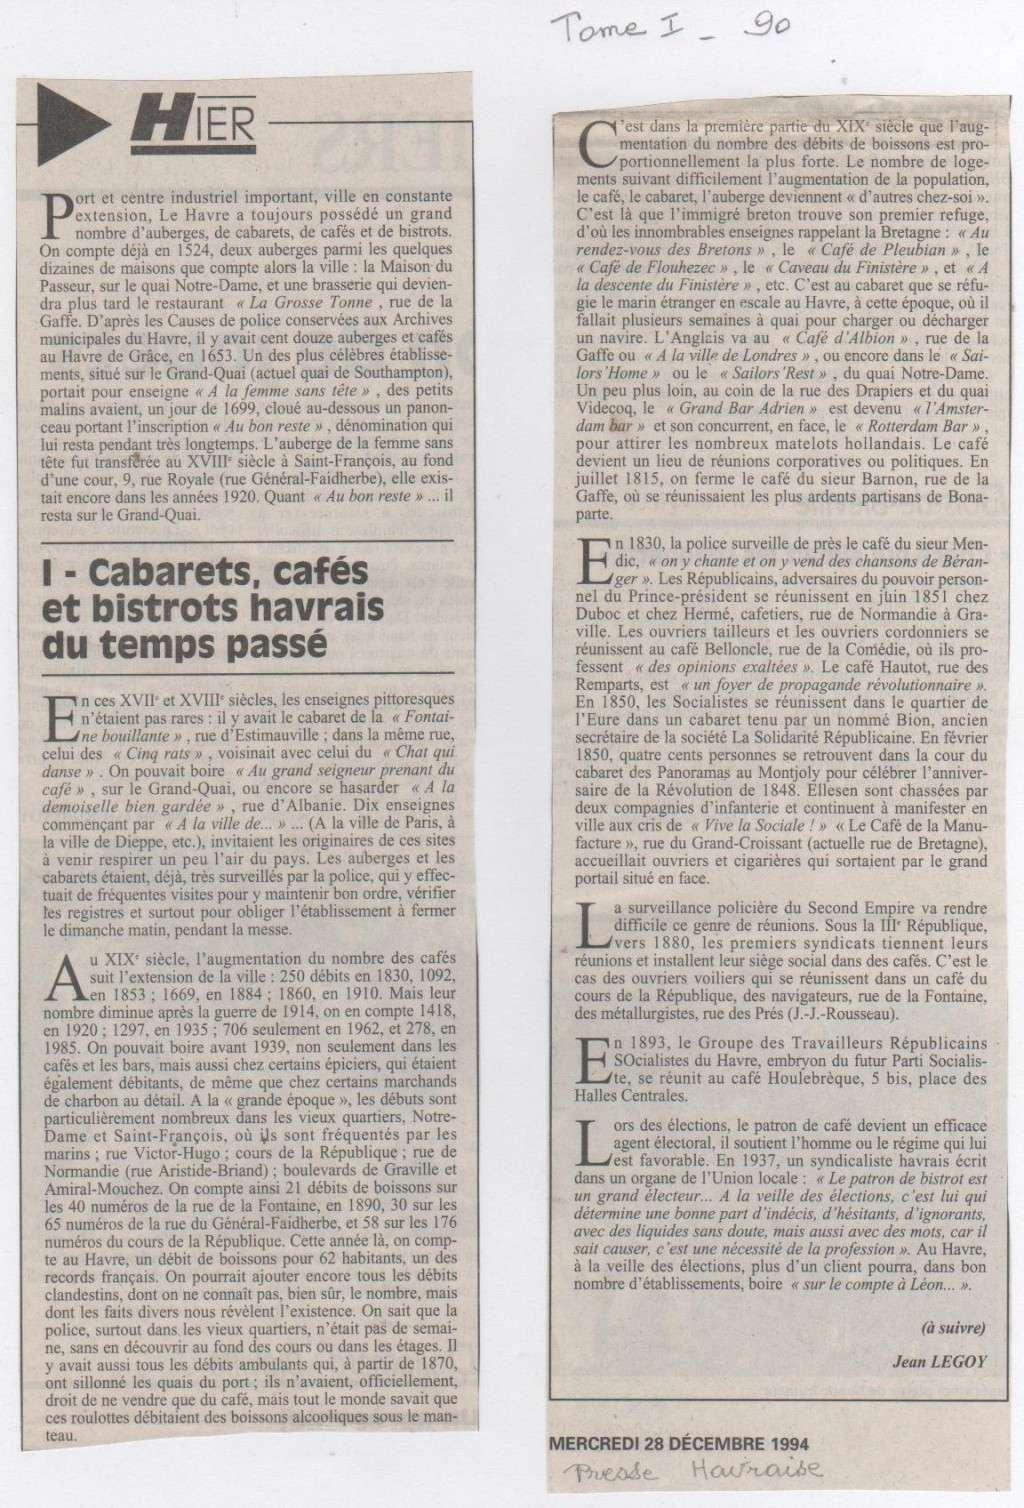 Hier, Le Havre par Jean LEGOY - Page 3 Cabare10